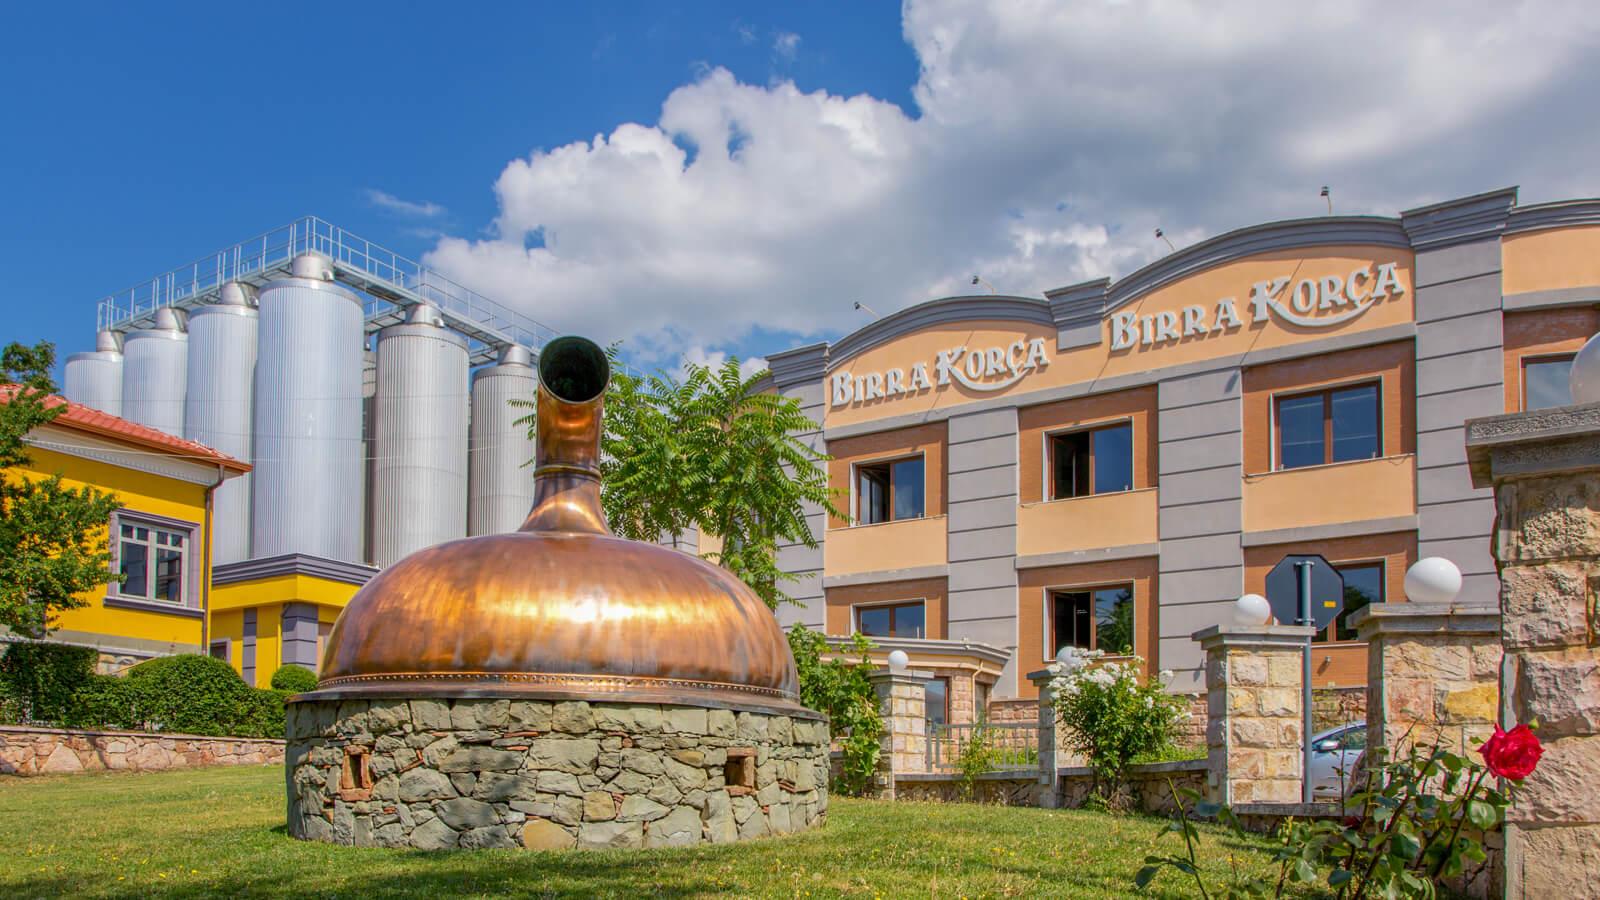 Birra Korca Brauerei in Korca Albanien